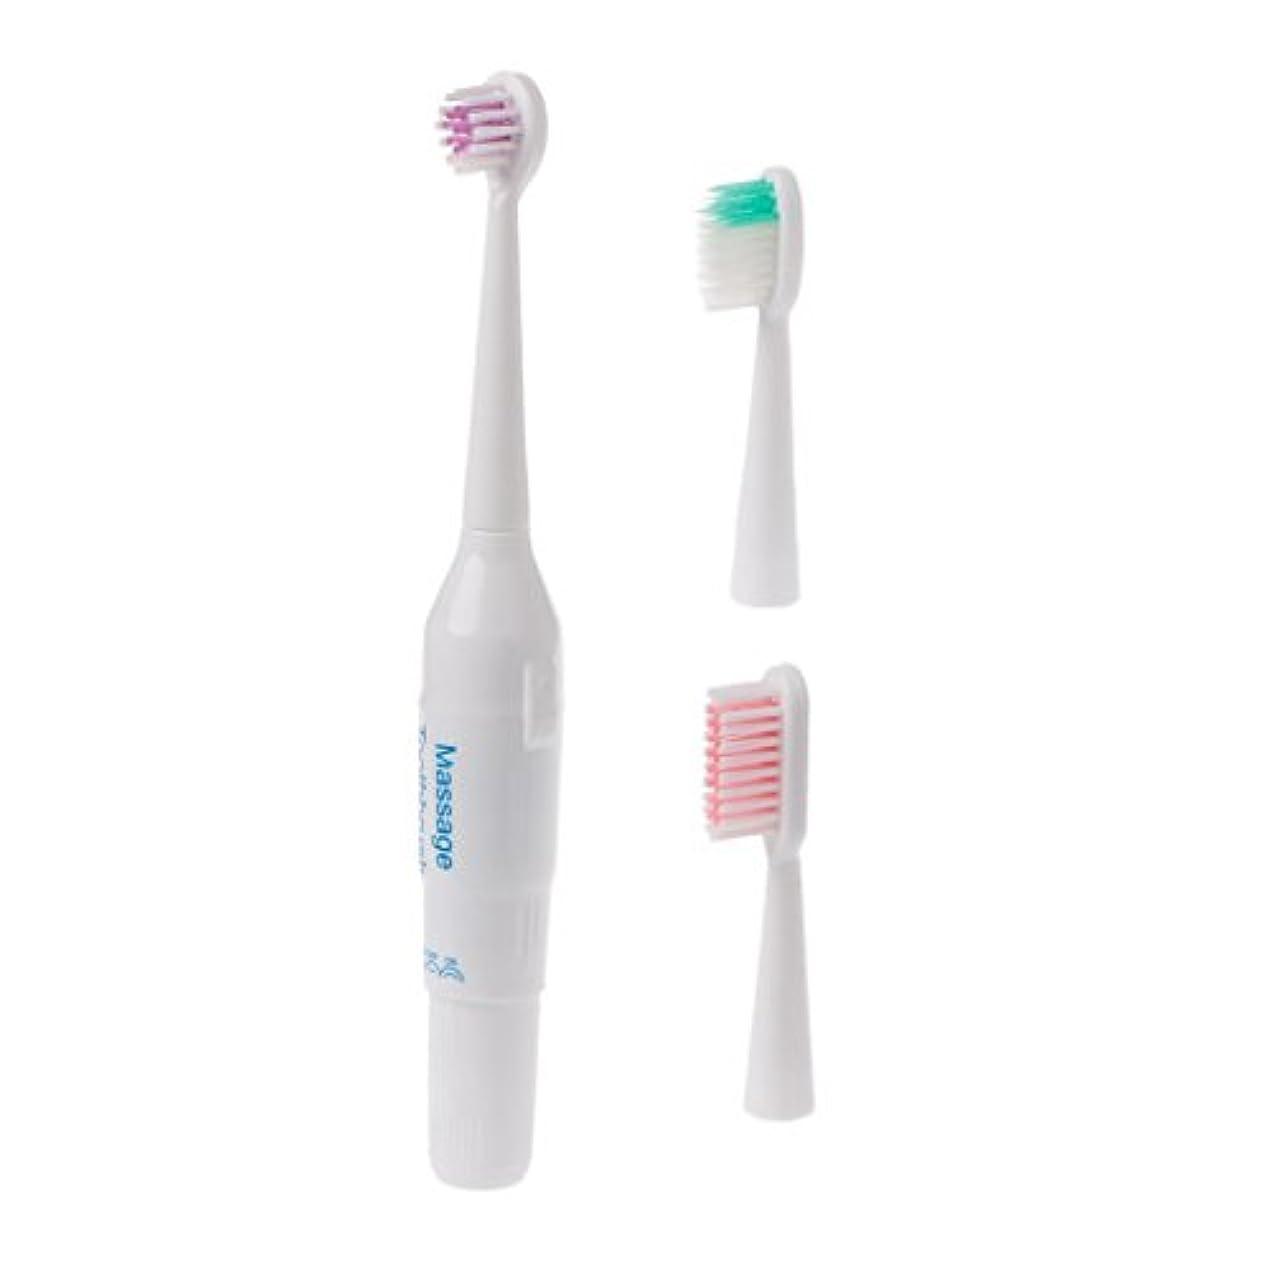 熱嘆く量でManyao キッズプロフェッショナル口腔ケアクリーン電気歯ブラシパワーベビー用歯ブラシ